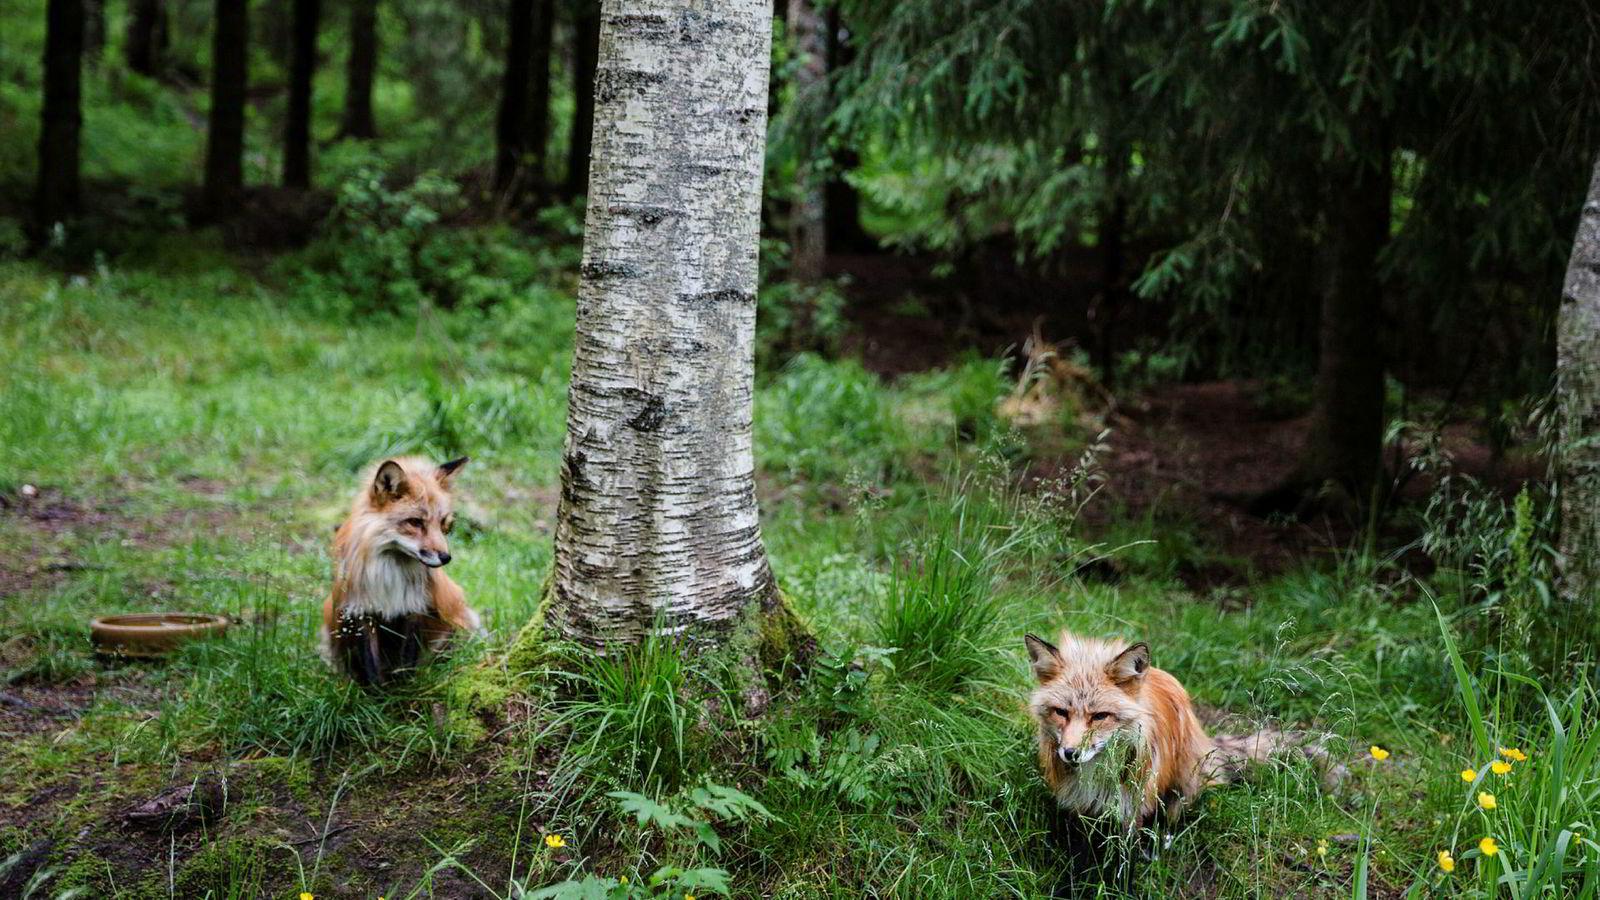 Grunneierne kan korrigere antallet rev slik at det blir forenlig med verdien av rypejakta, men de har ikke den samme muligheten for ulv, mener forfatteren.